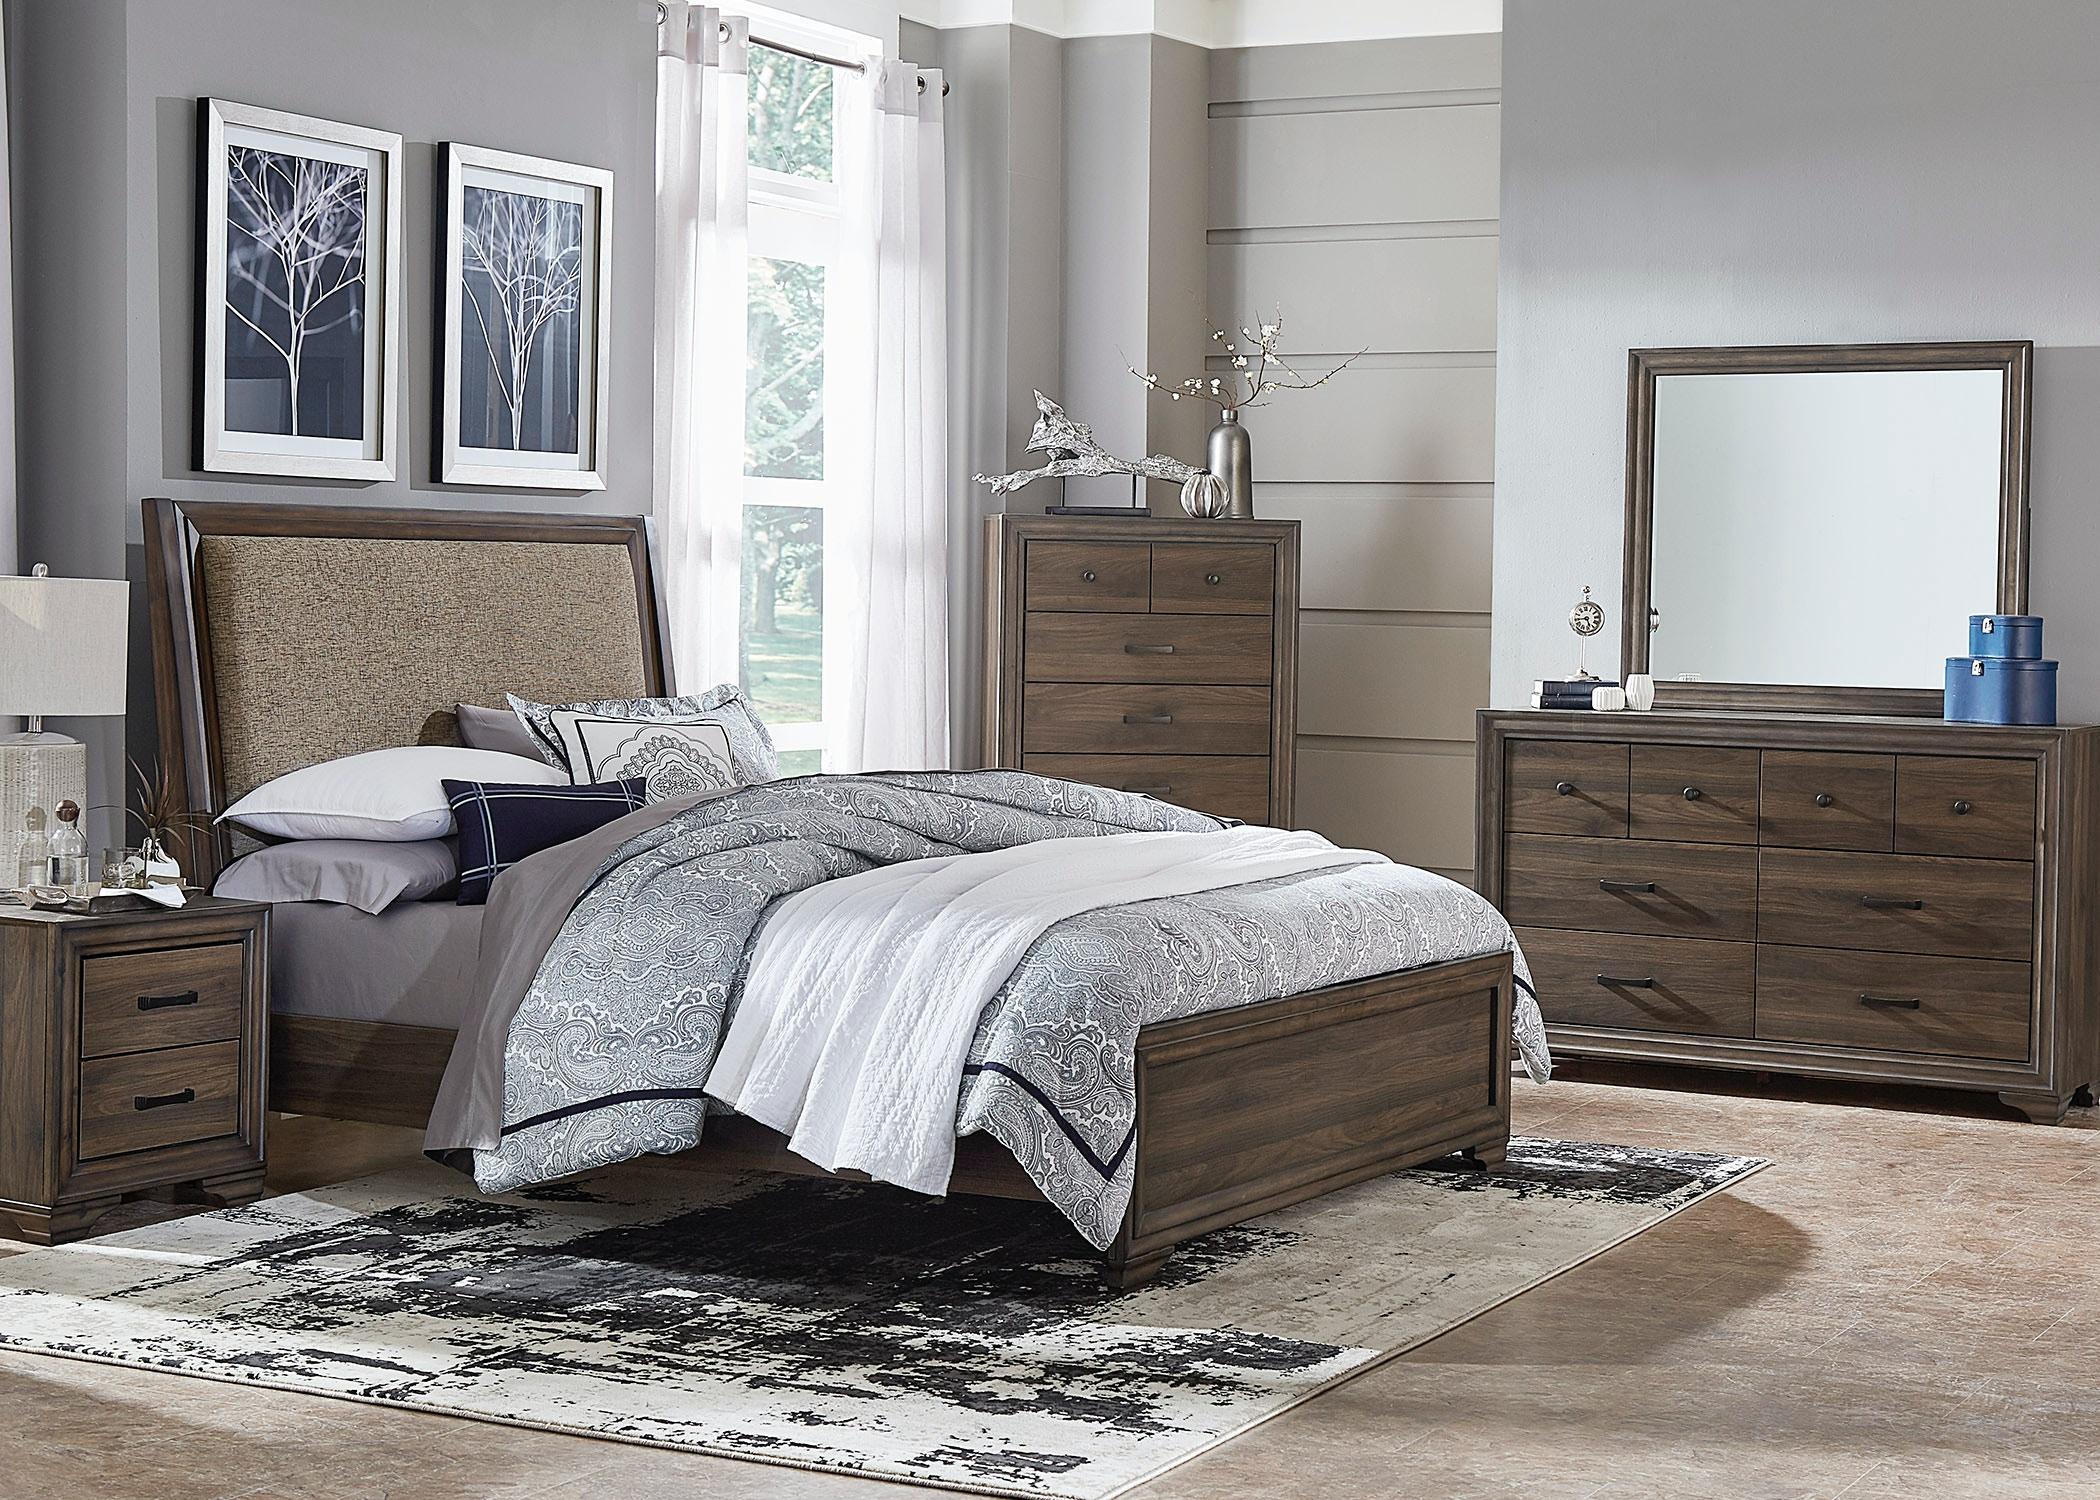 Liberty Furniture Clarksdale Upholstered Bed 445 BR QUBDMCN